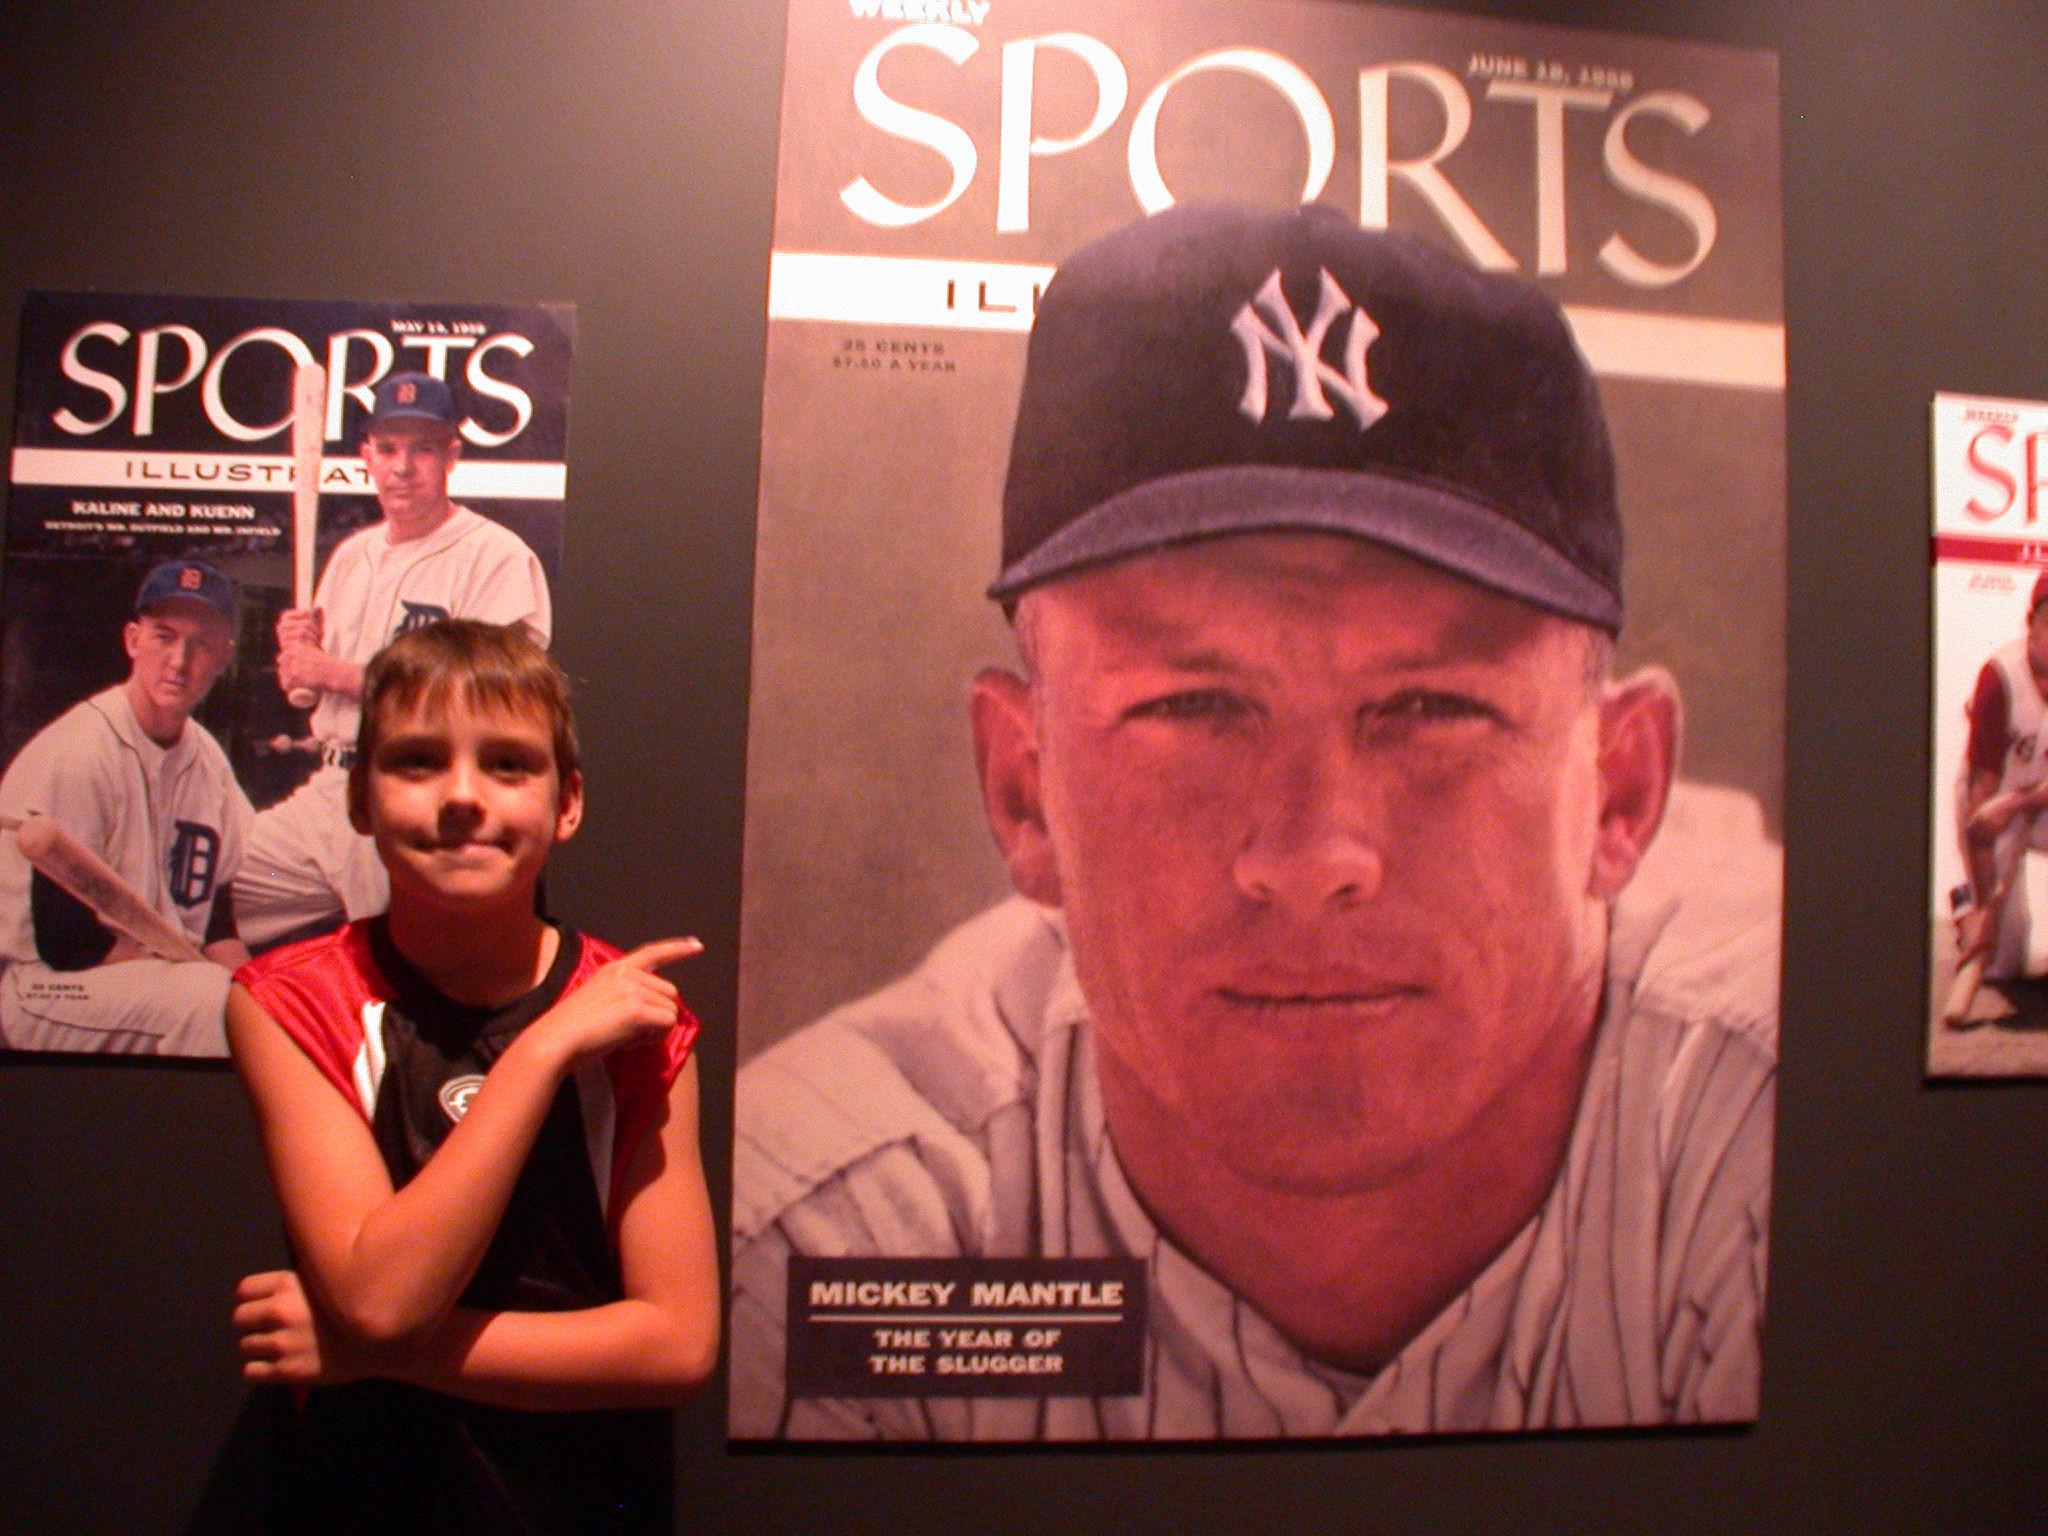 … spencer/baseball/hall-of-fame_Spencer-Supak_Mickey-Mantle.jpg …